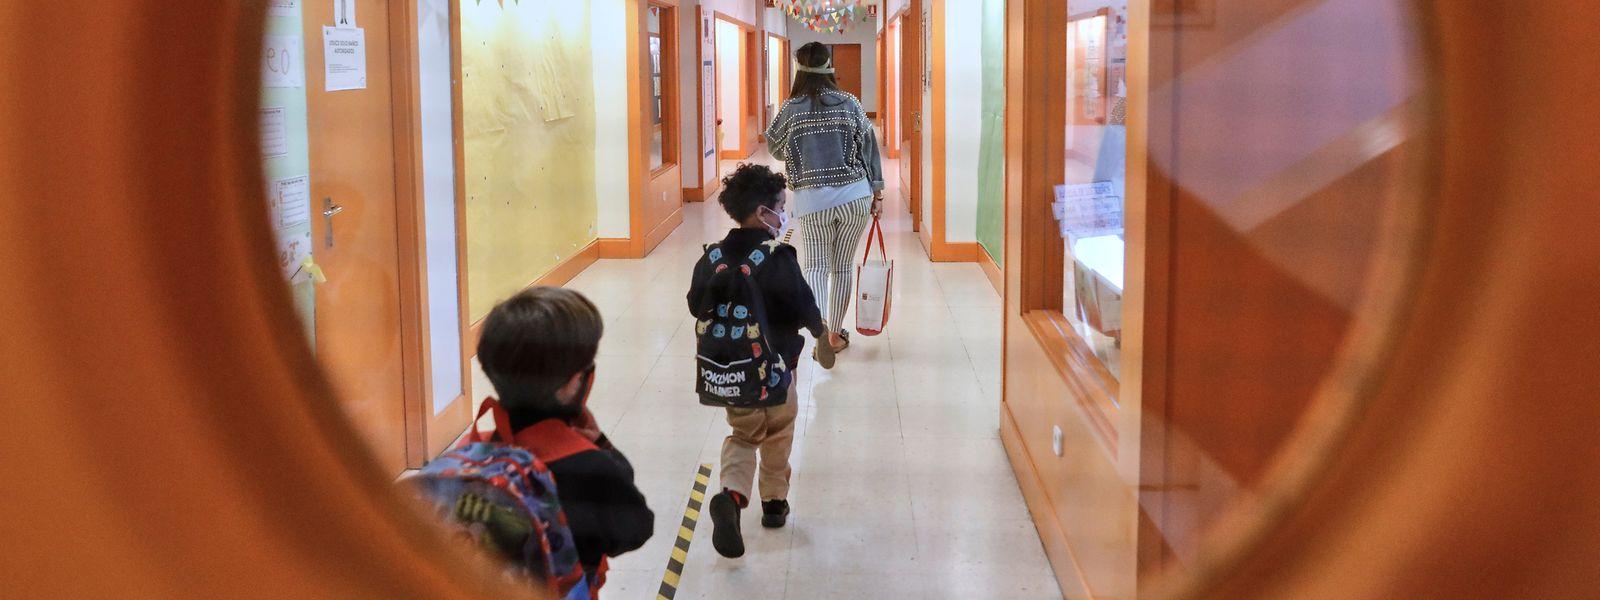 Selon le ministère, 85% des infections seraient des cas isolés, c'est-à-dire, des contaminations sans lien avec l'école.